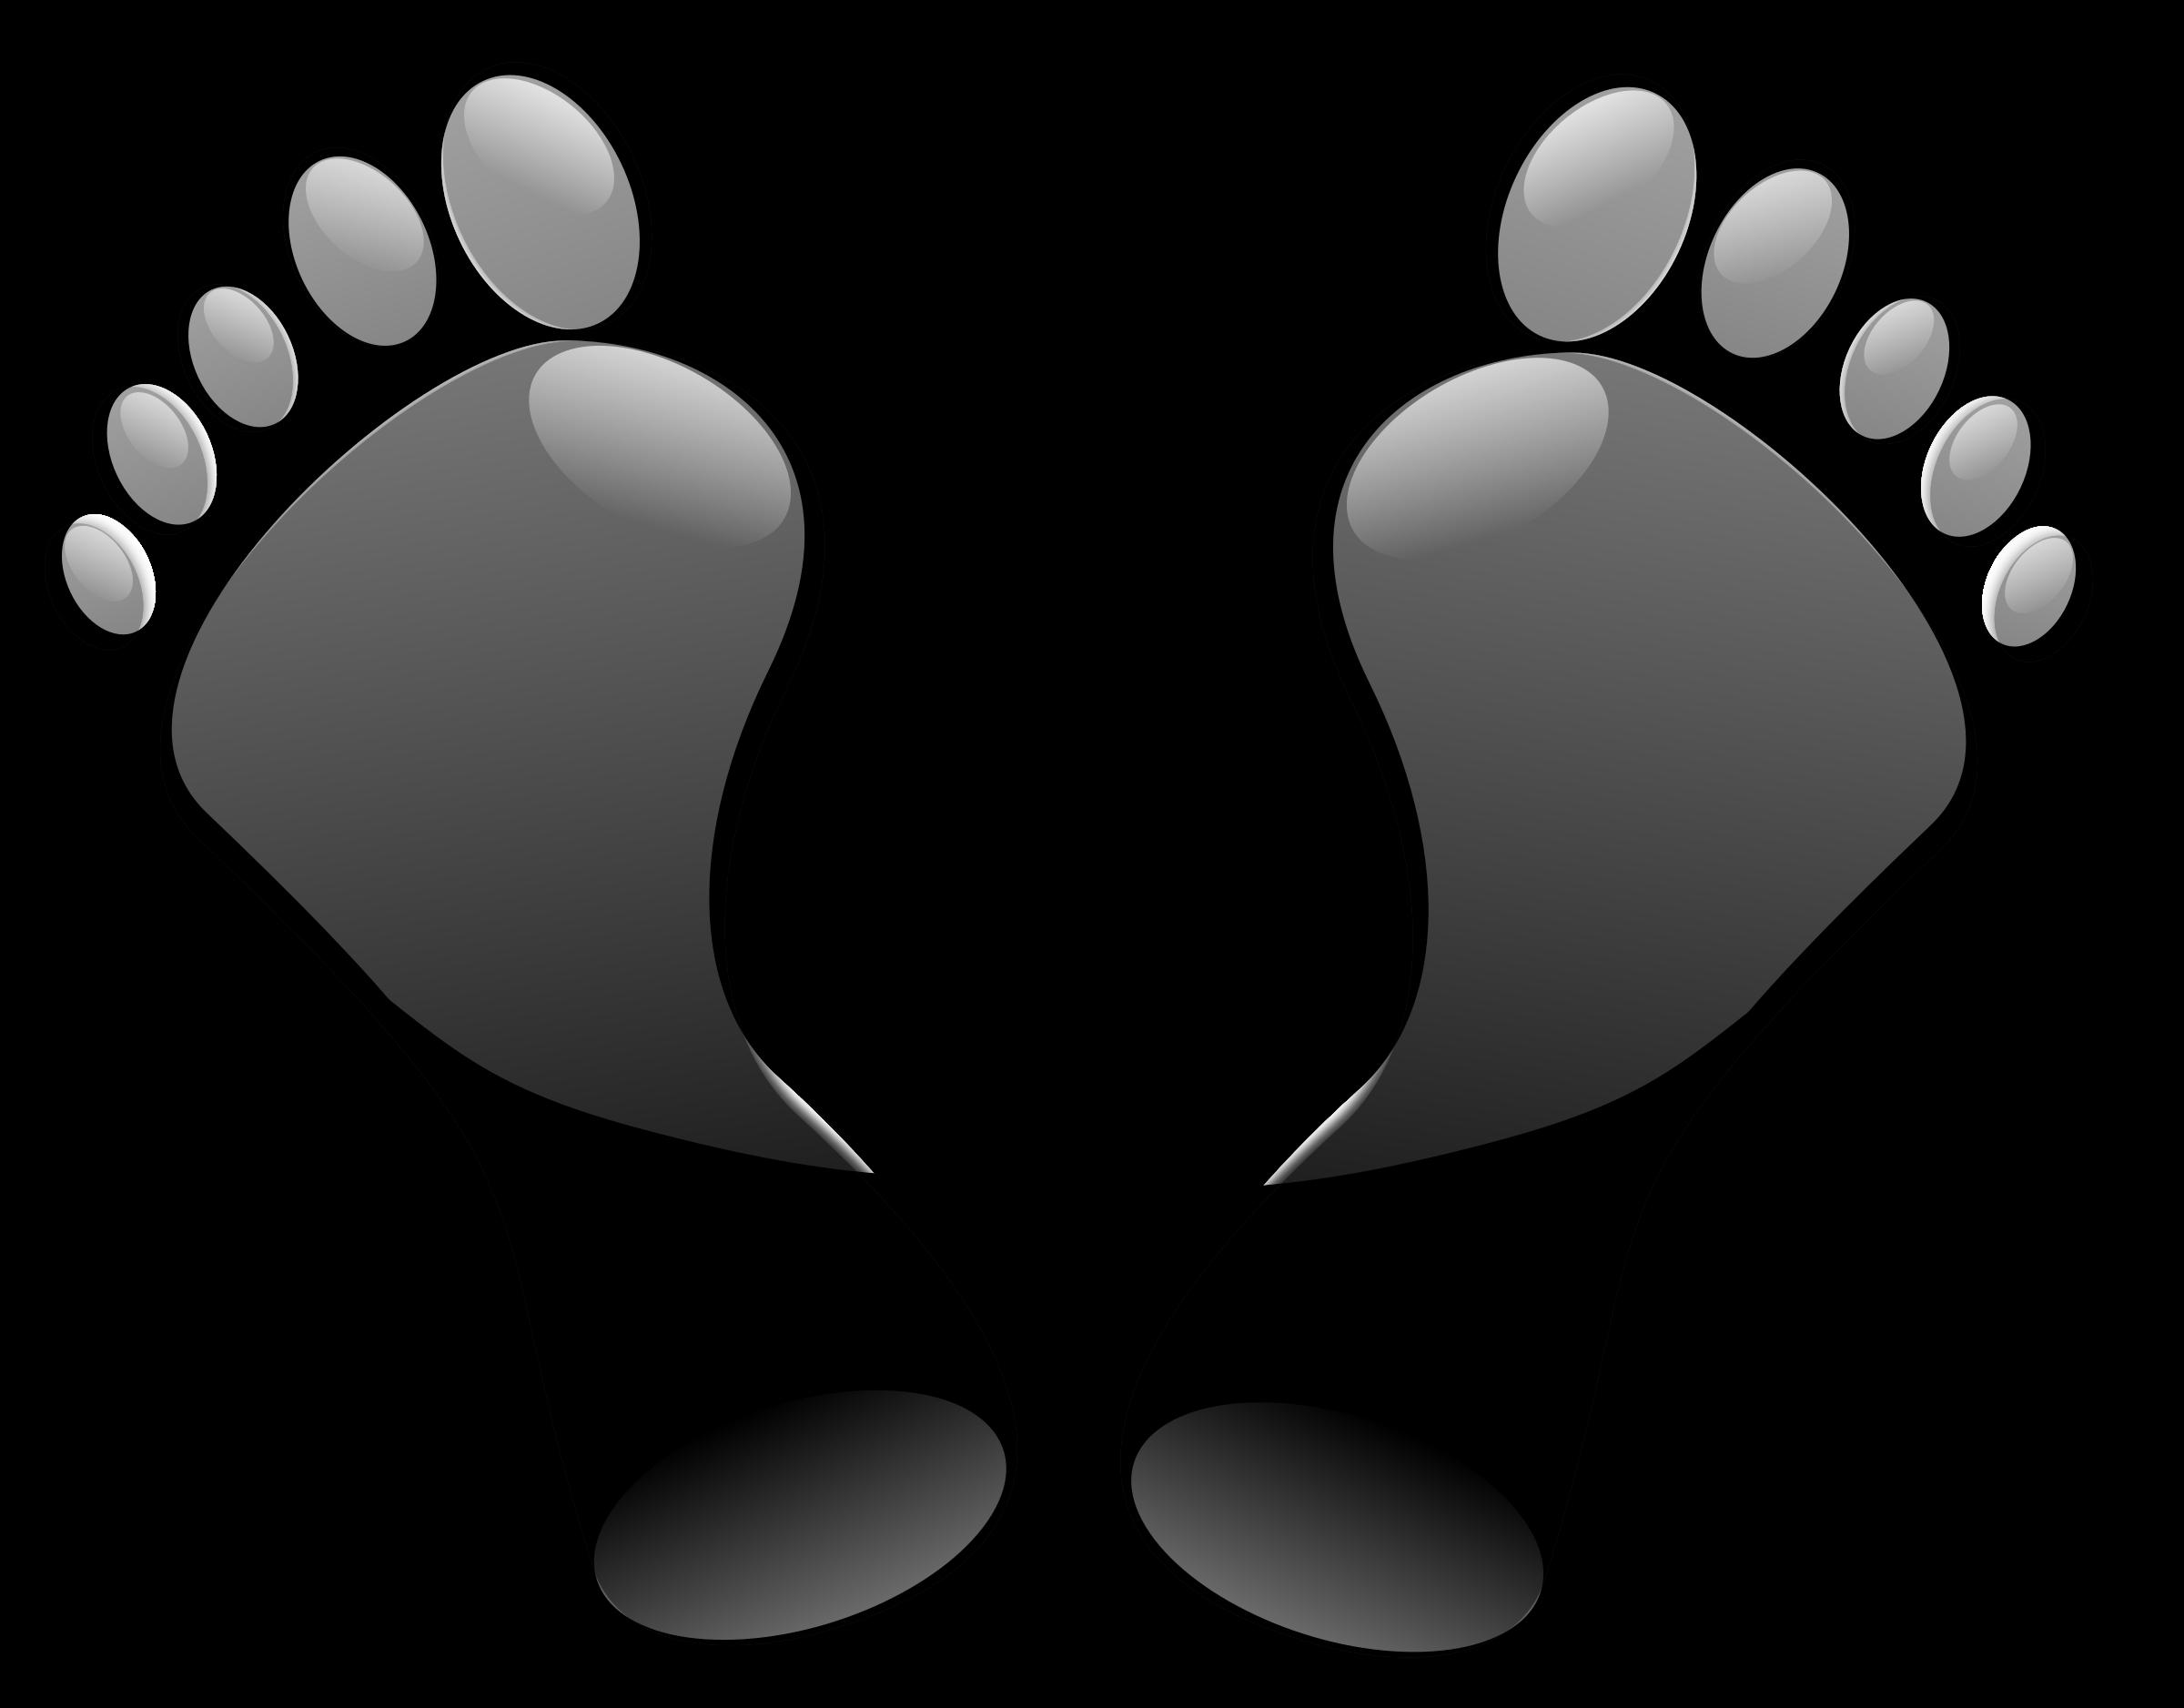 BIG IMAGE (PNG) - Big Toe PNG